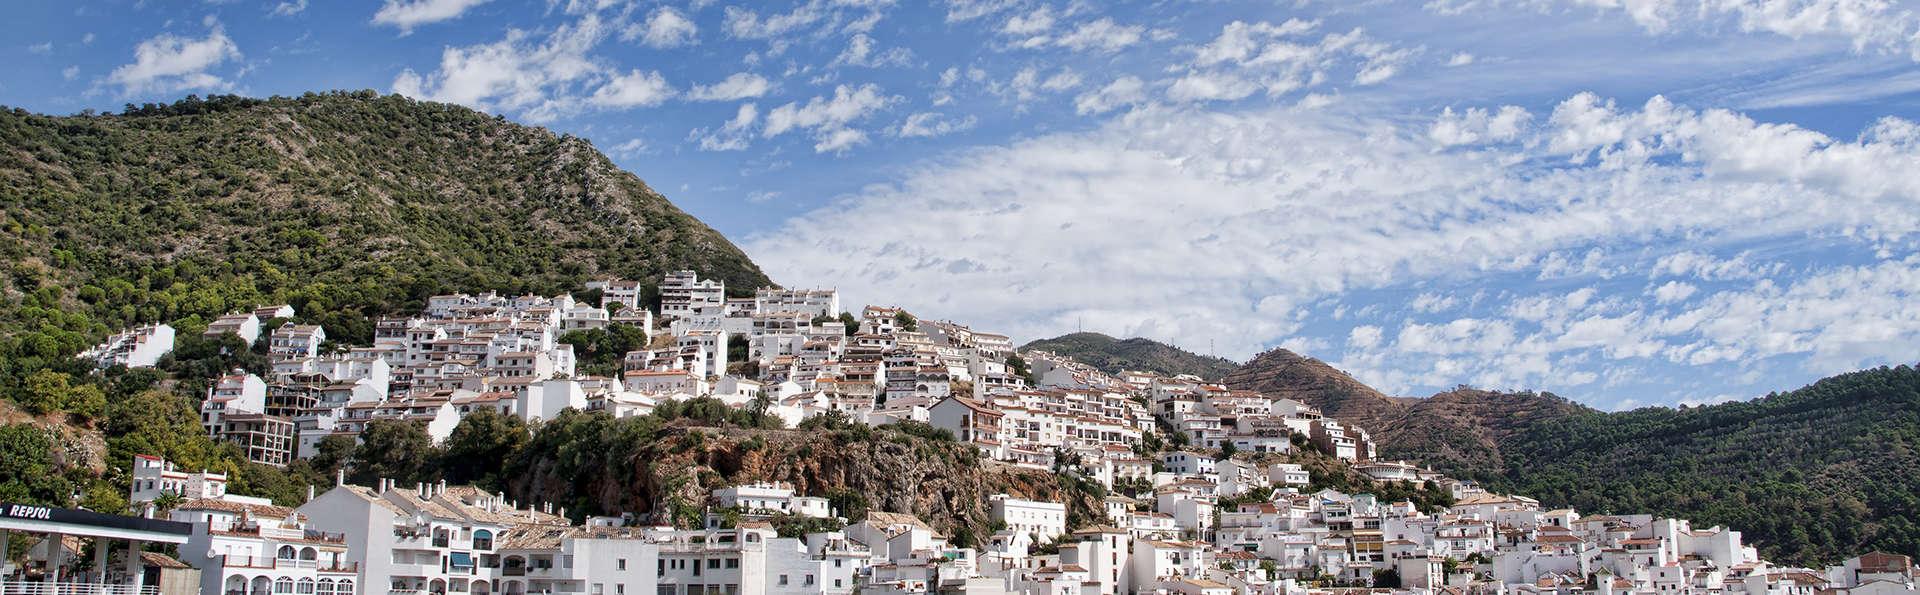 Romanticismo en las colinas de Ojén con spa, cava y vistas al mar